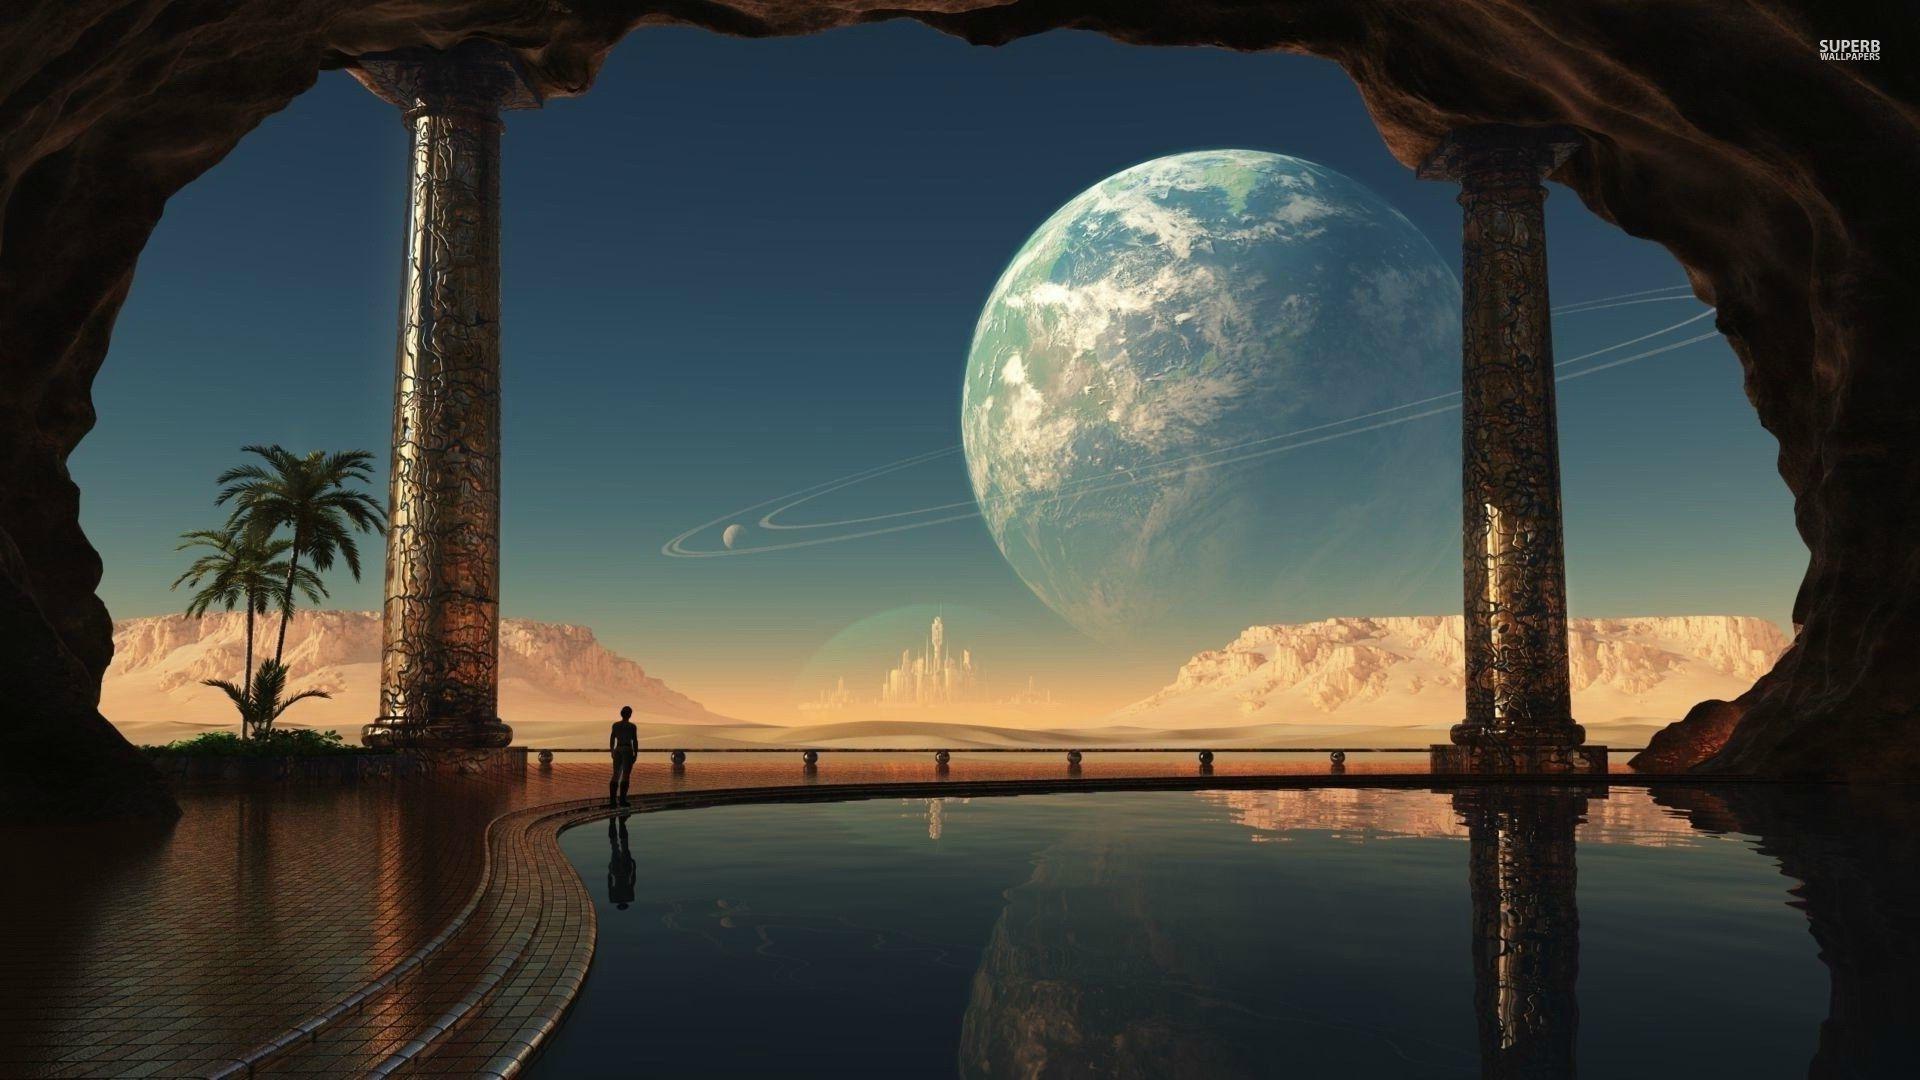 Alien Planet Wallpaper (78+ images)